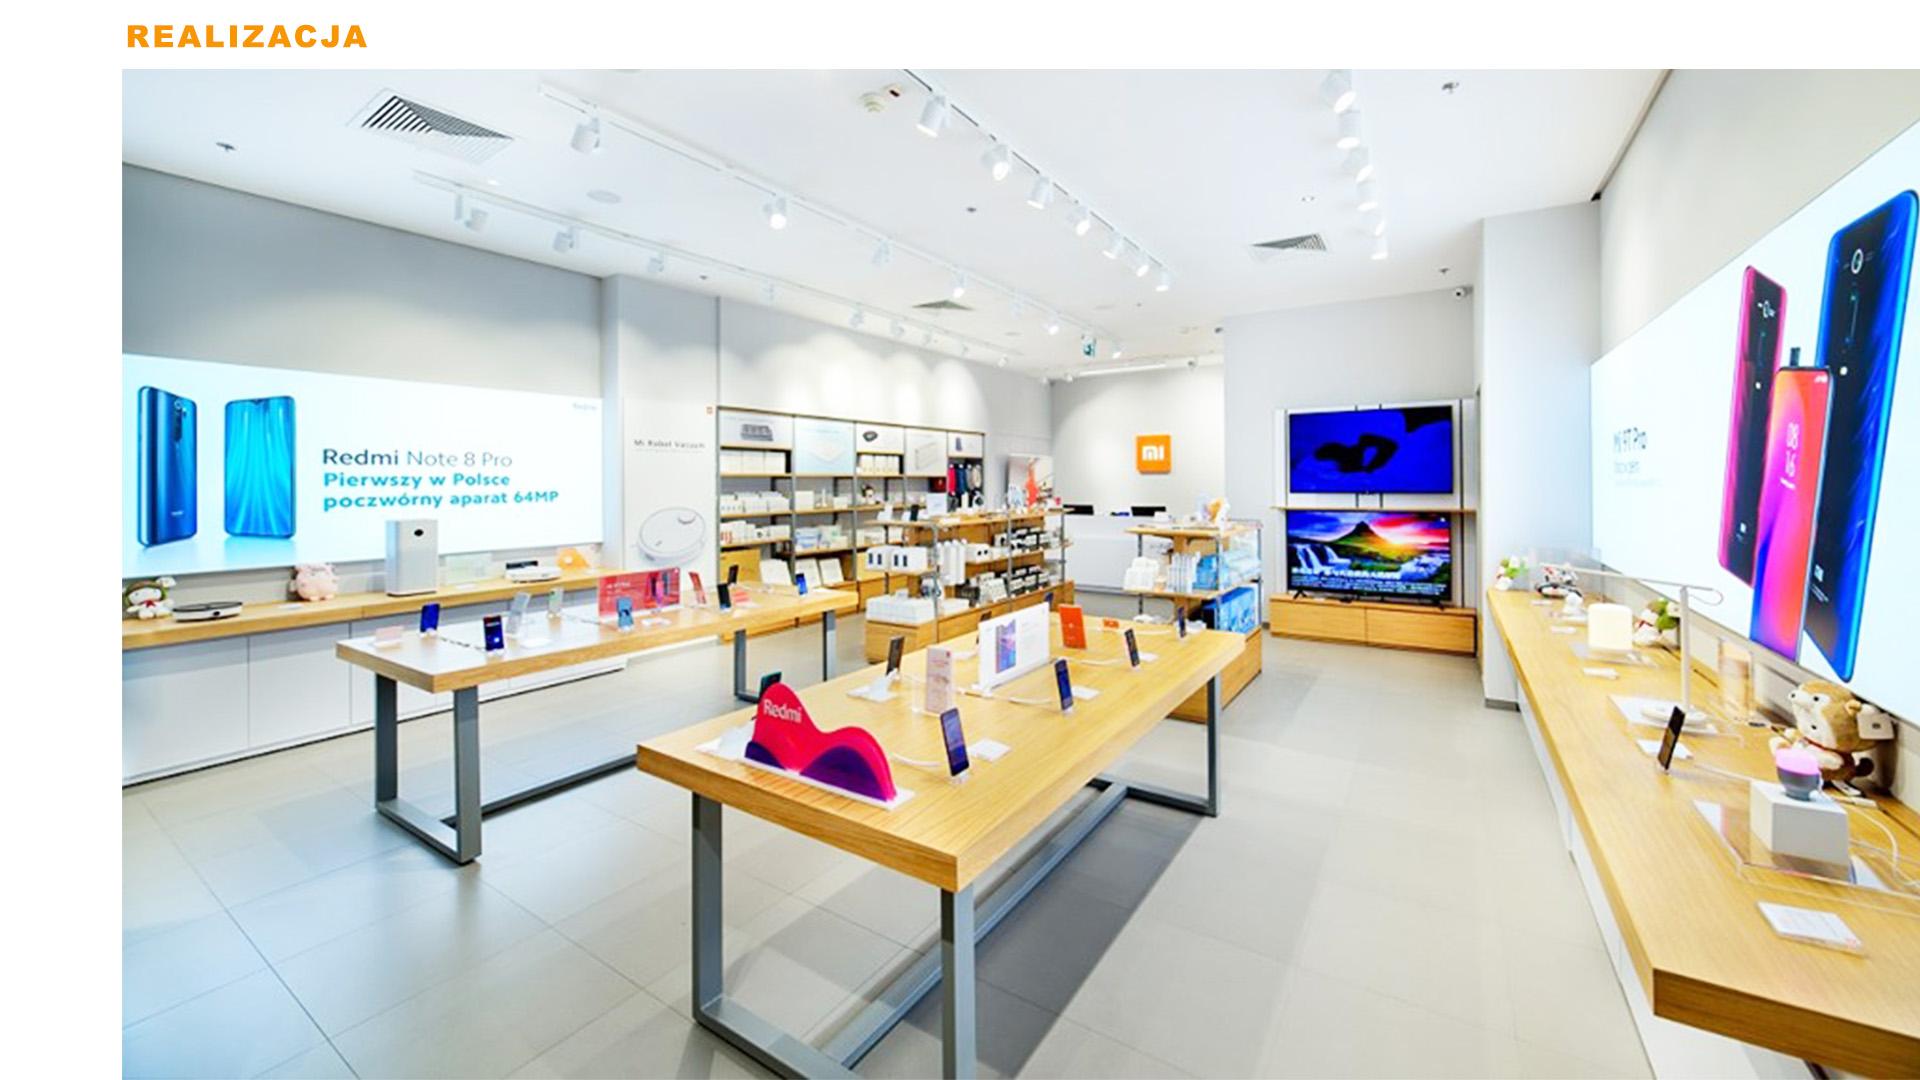 Mi-Store - Lublin - Centrum Plaza - realizacja